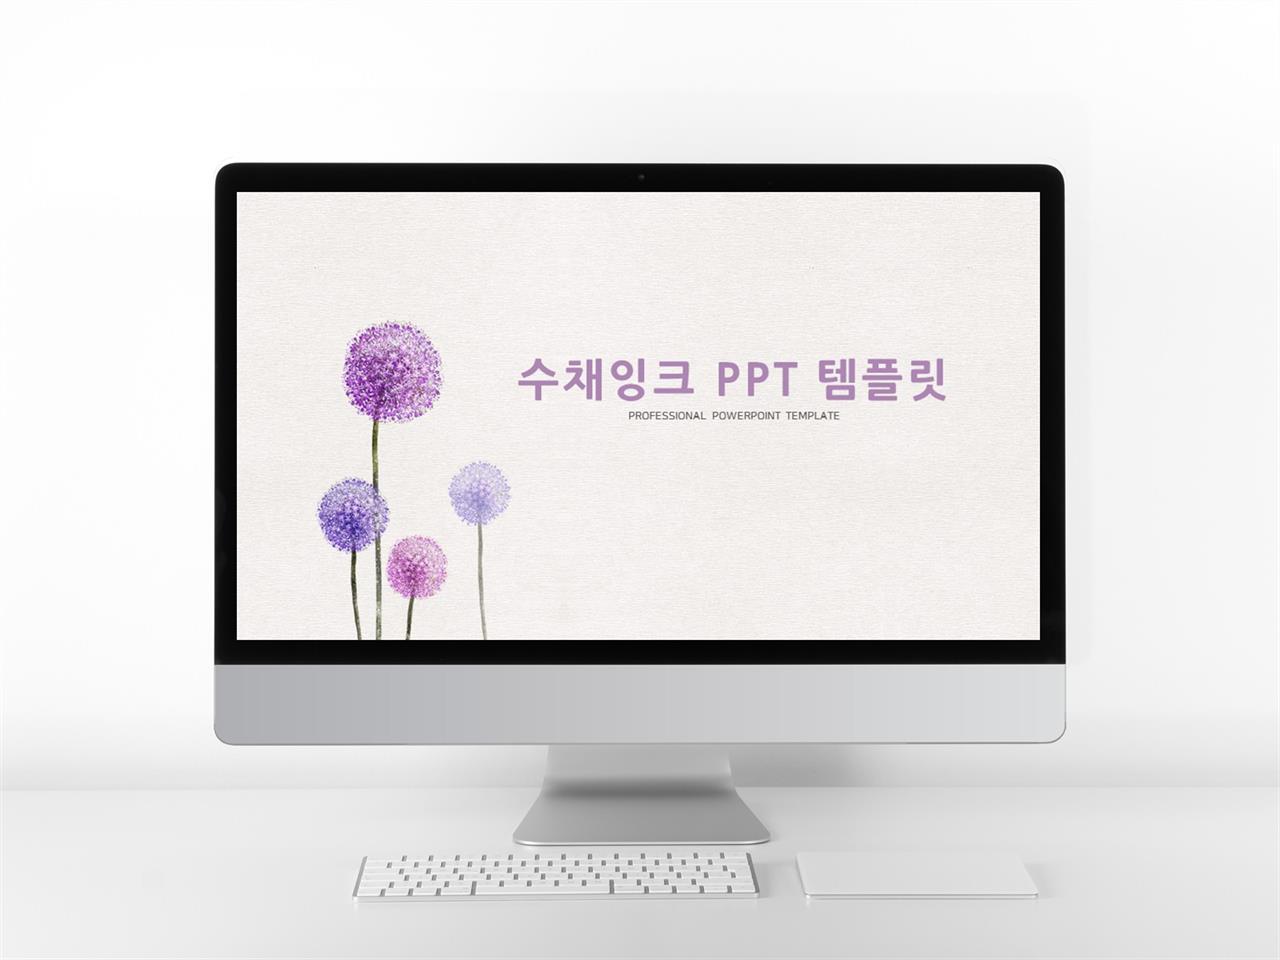 동식물, 애완동물 자주색 단정한 고퀄리티 피피티탬플릿 제작 미리보기